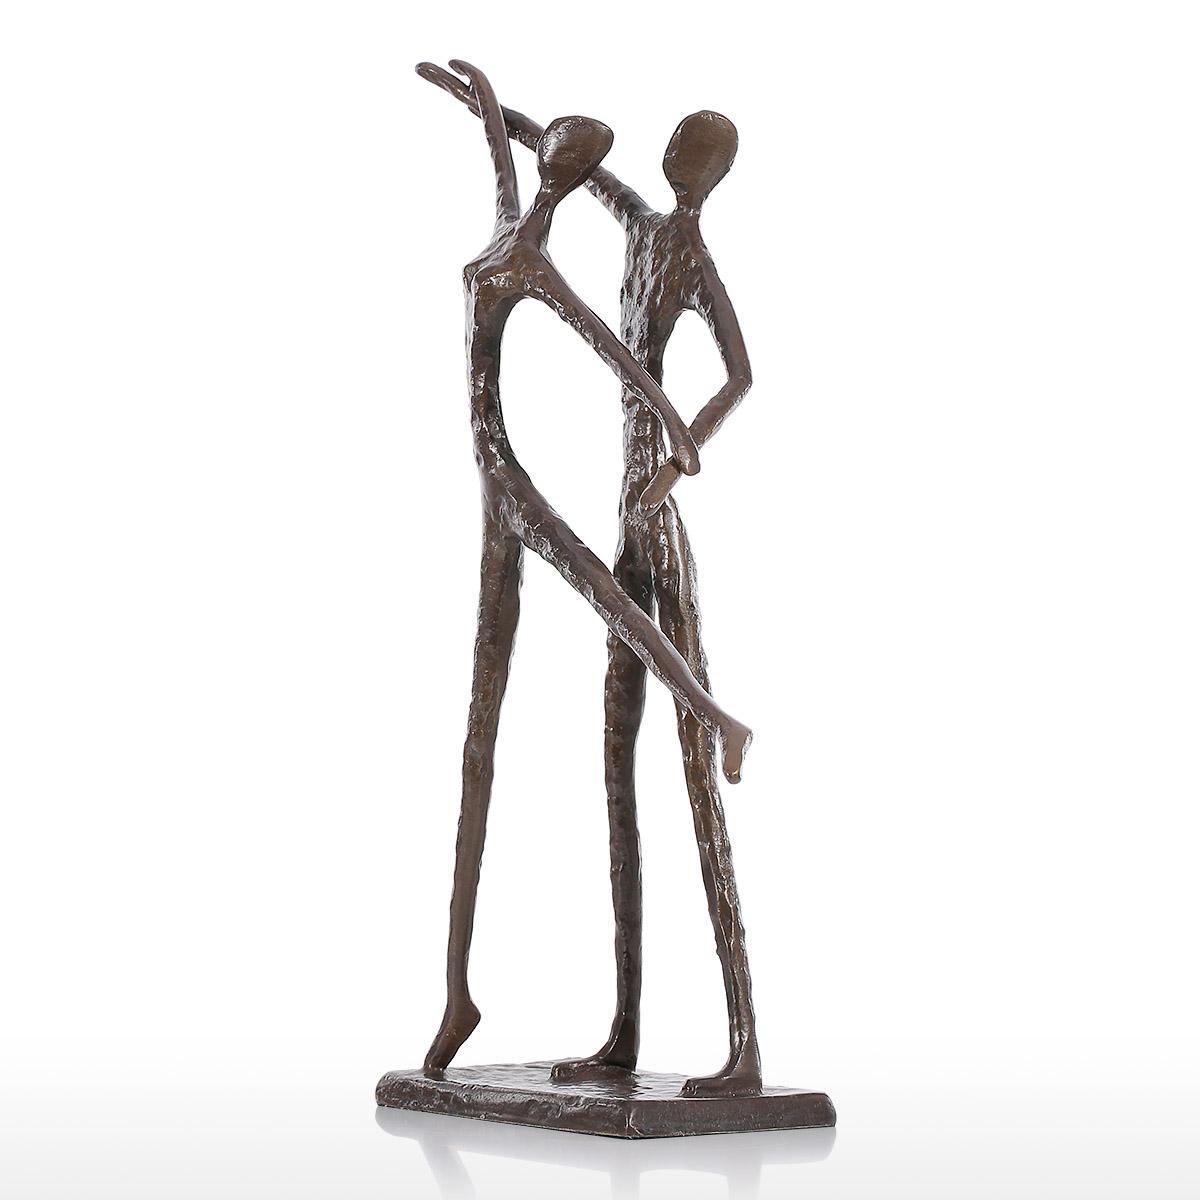 Sculpture Home Decor: Best And Cheap Bronzed Double Dance 2 Modern Dance Bronze